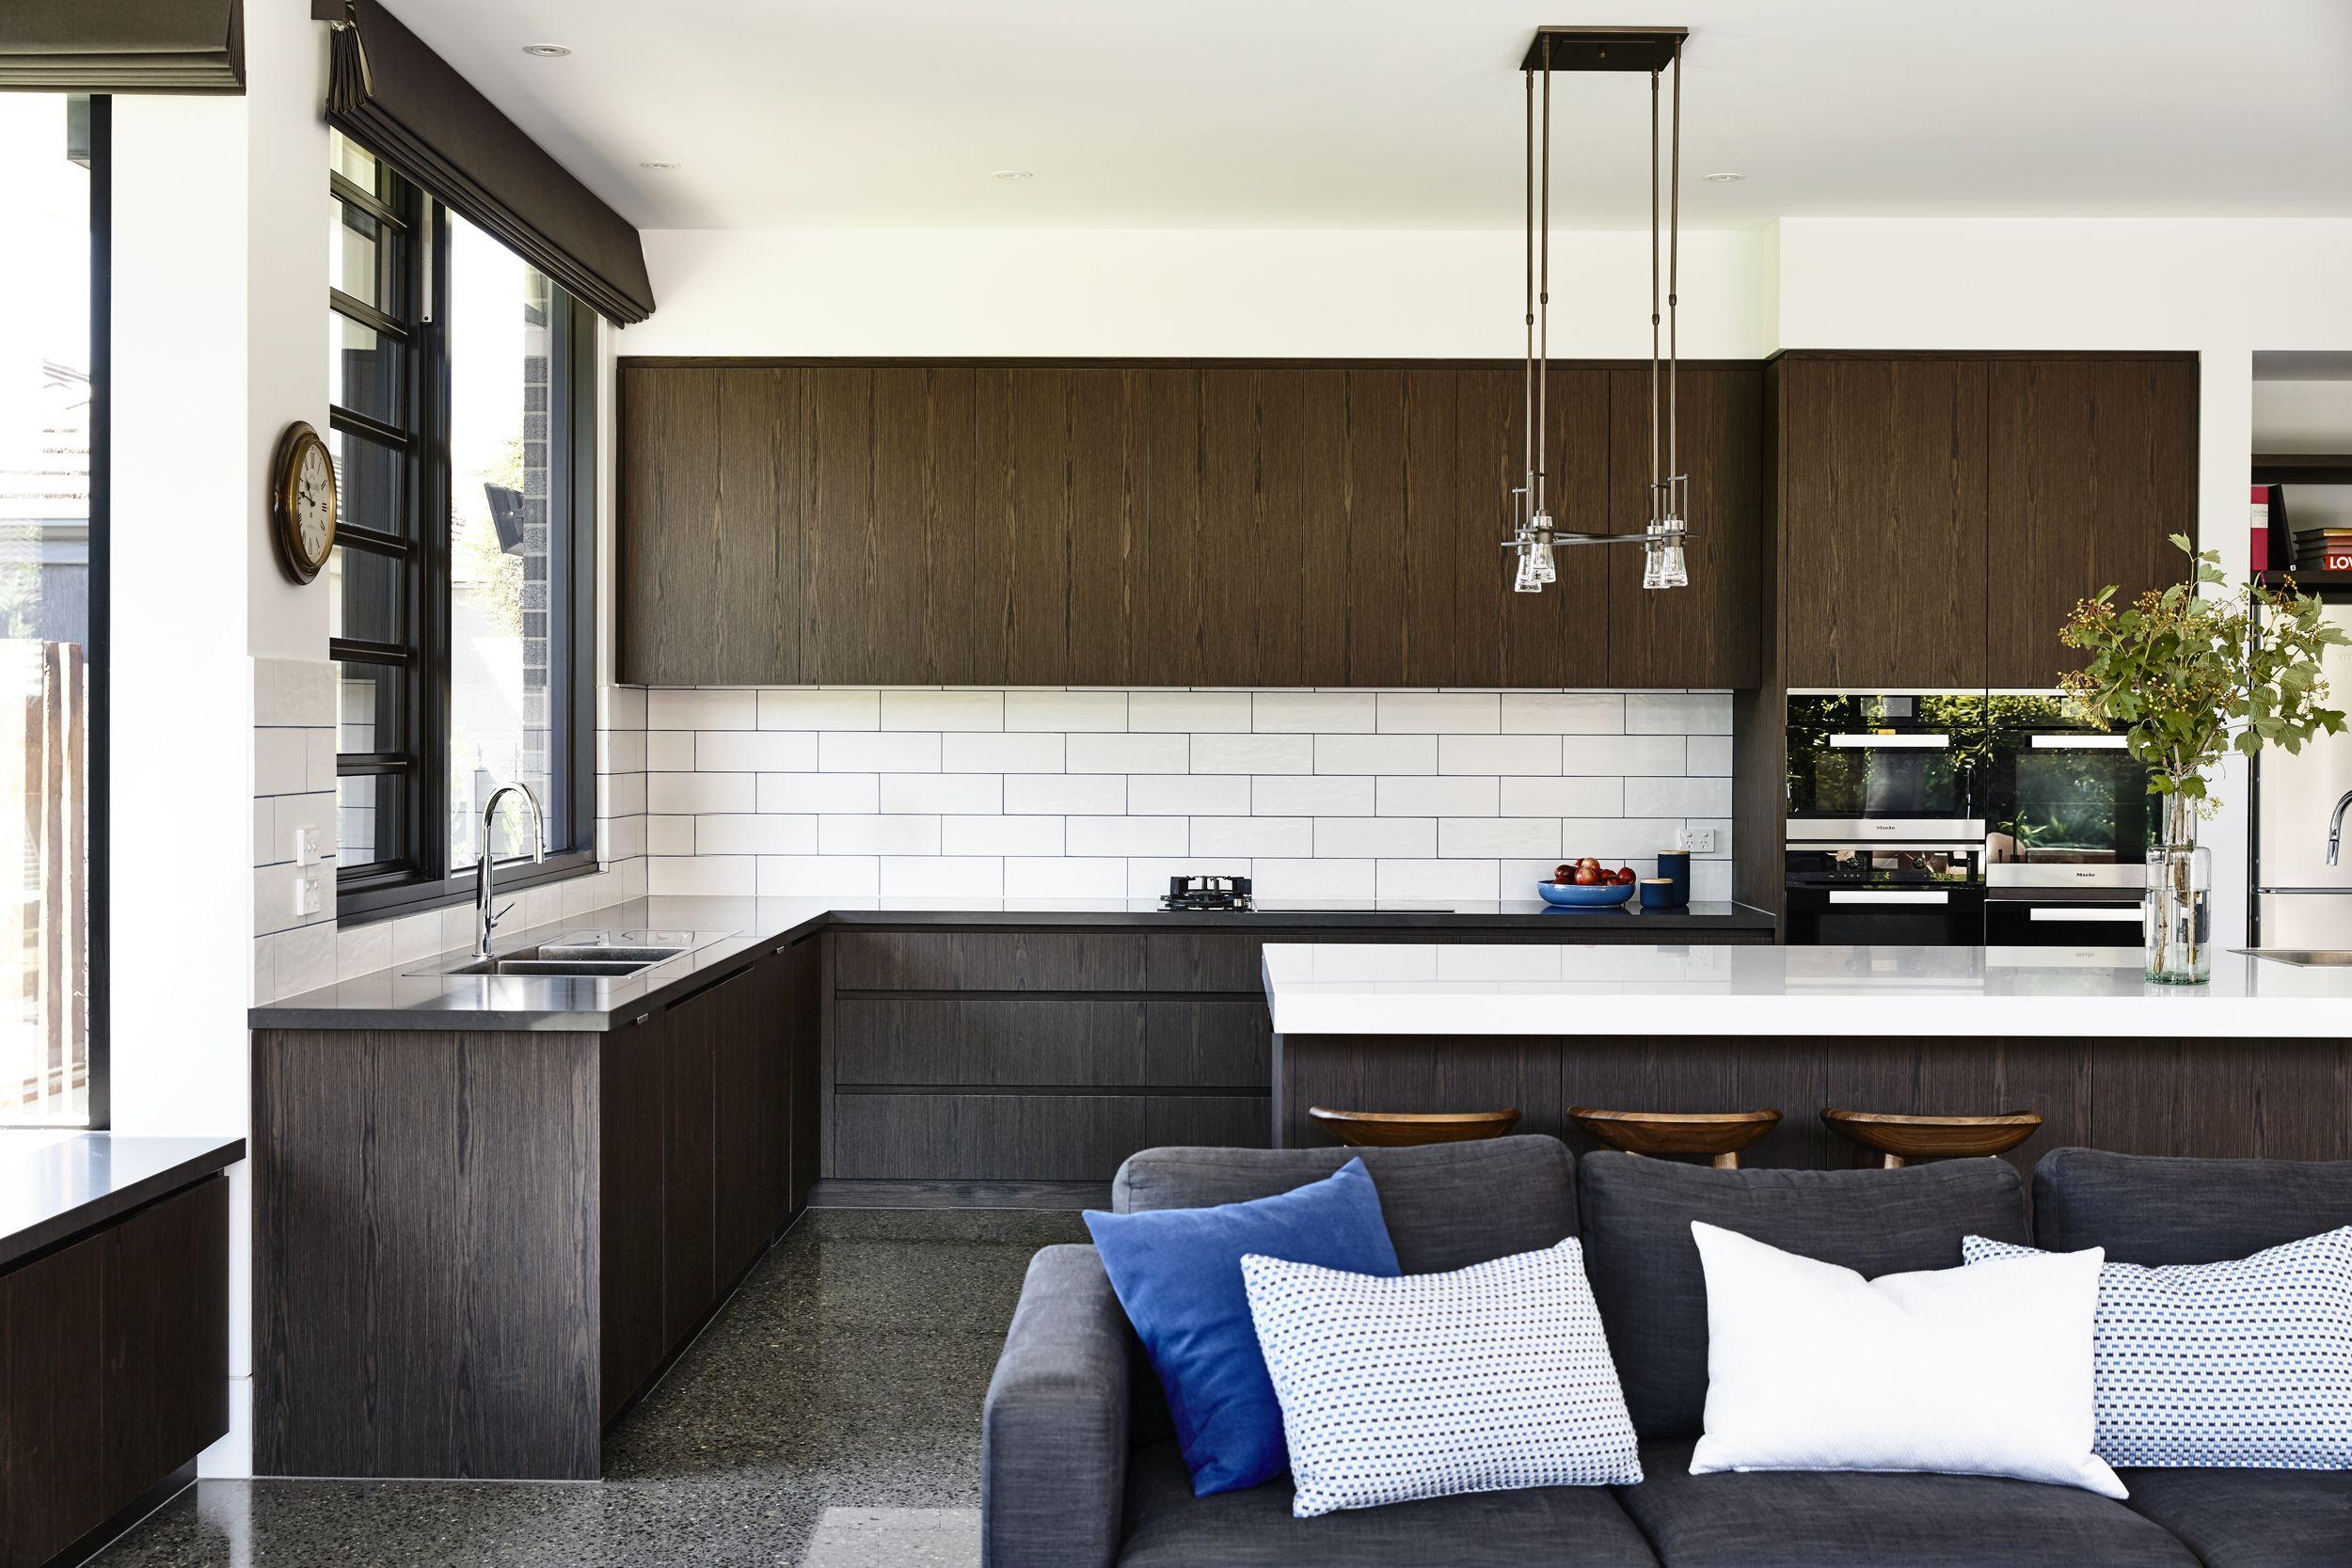 House Residential interior design Residential